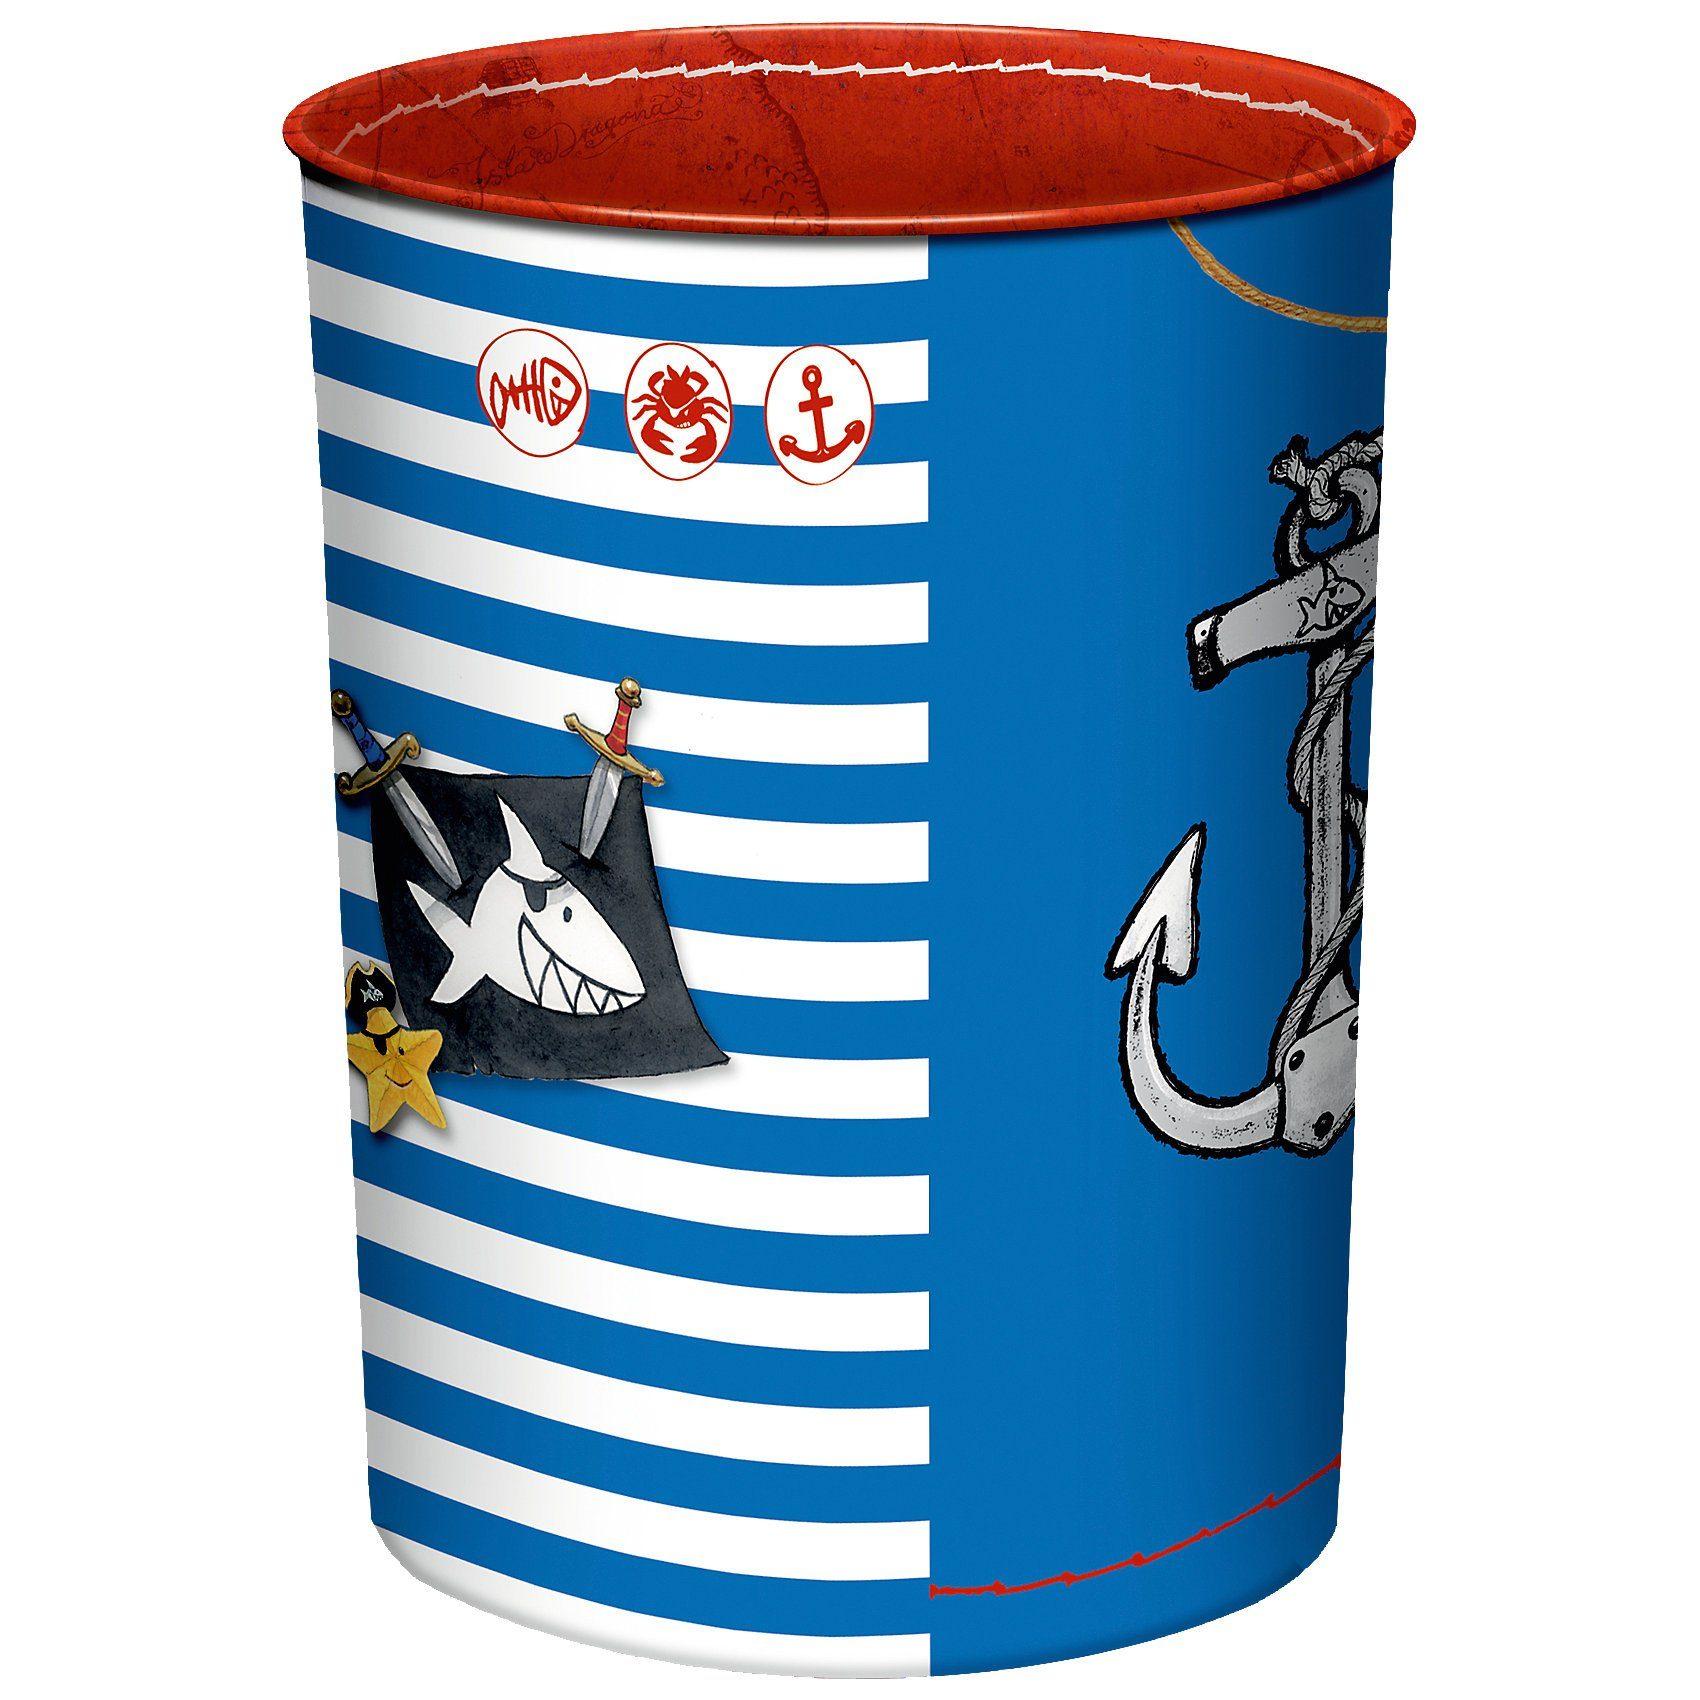 Spiegelburg Papierkorb Capt'n Sharky